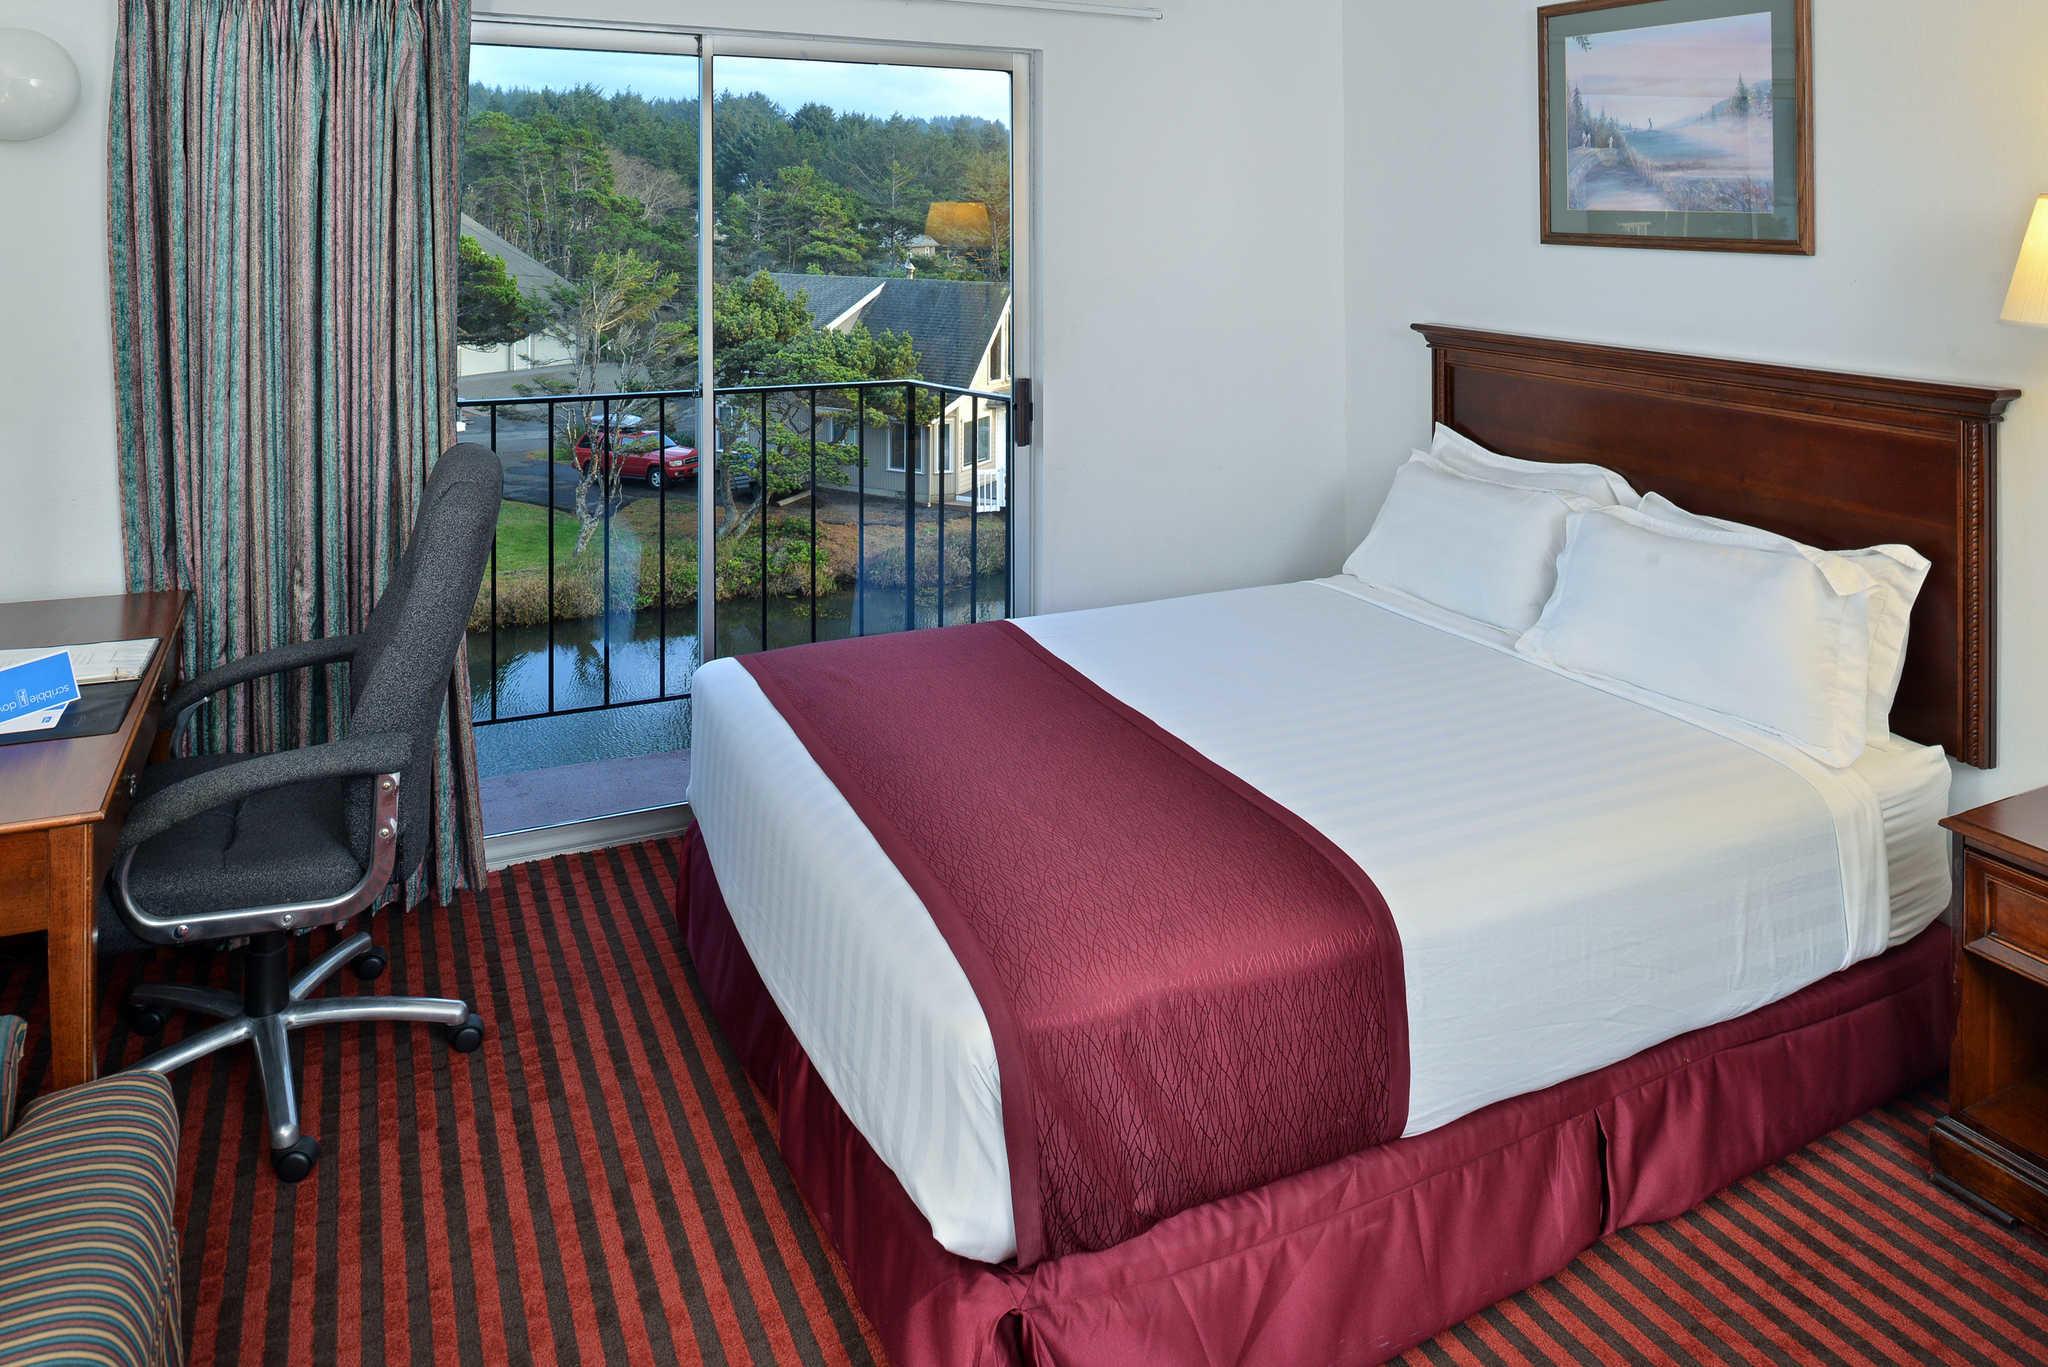 Rodeway Inn & Suites - Closed image 6